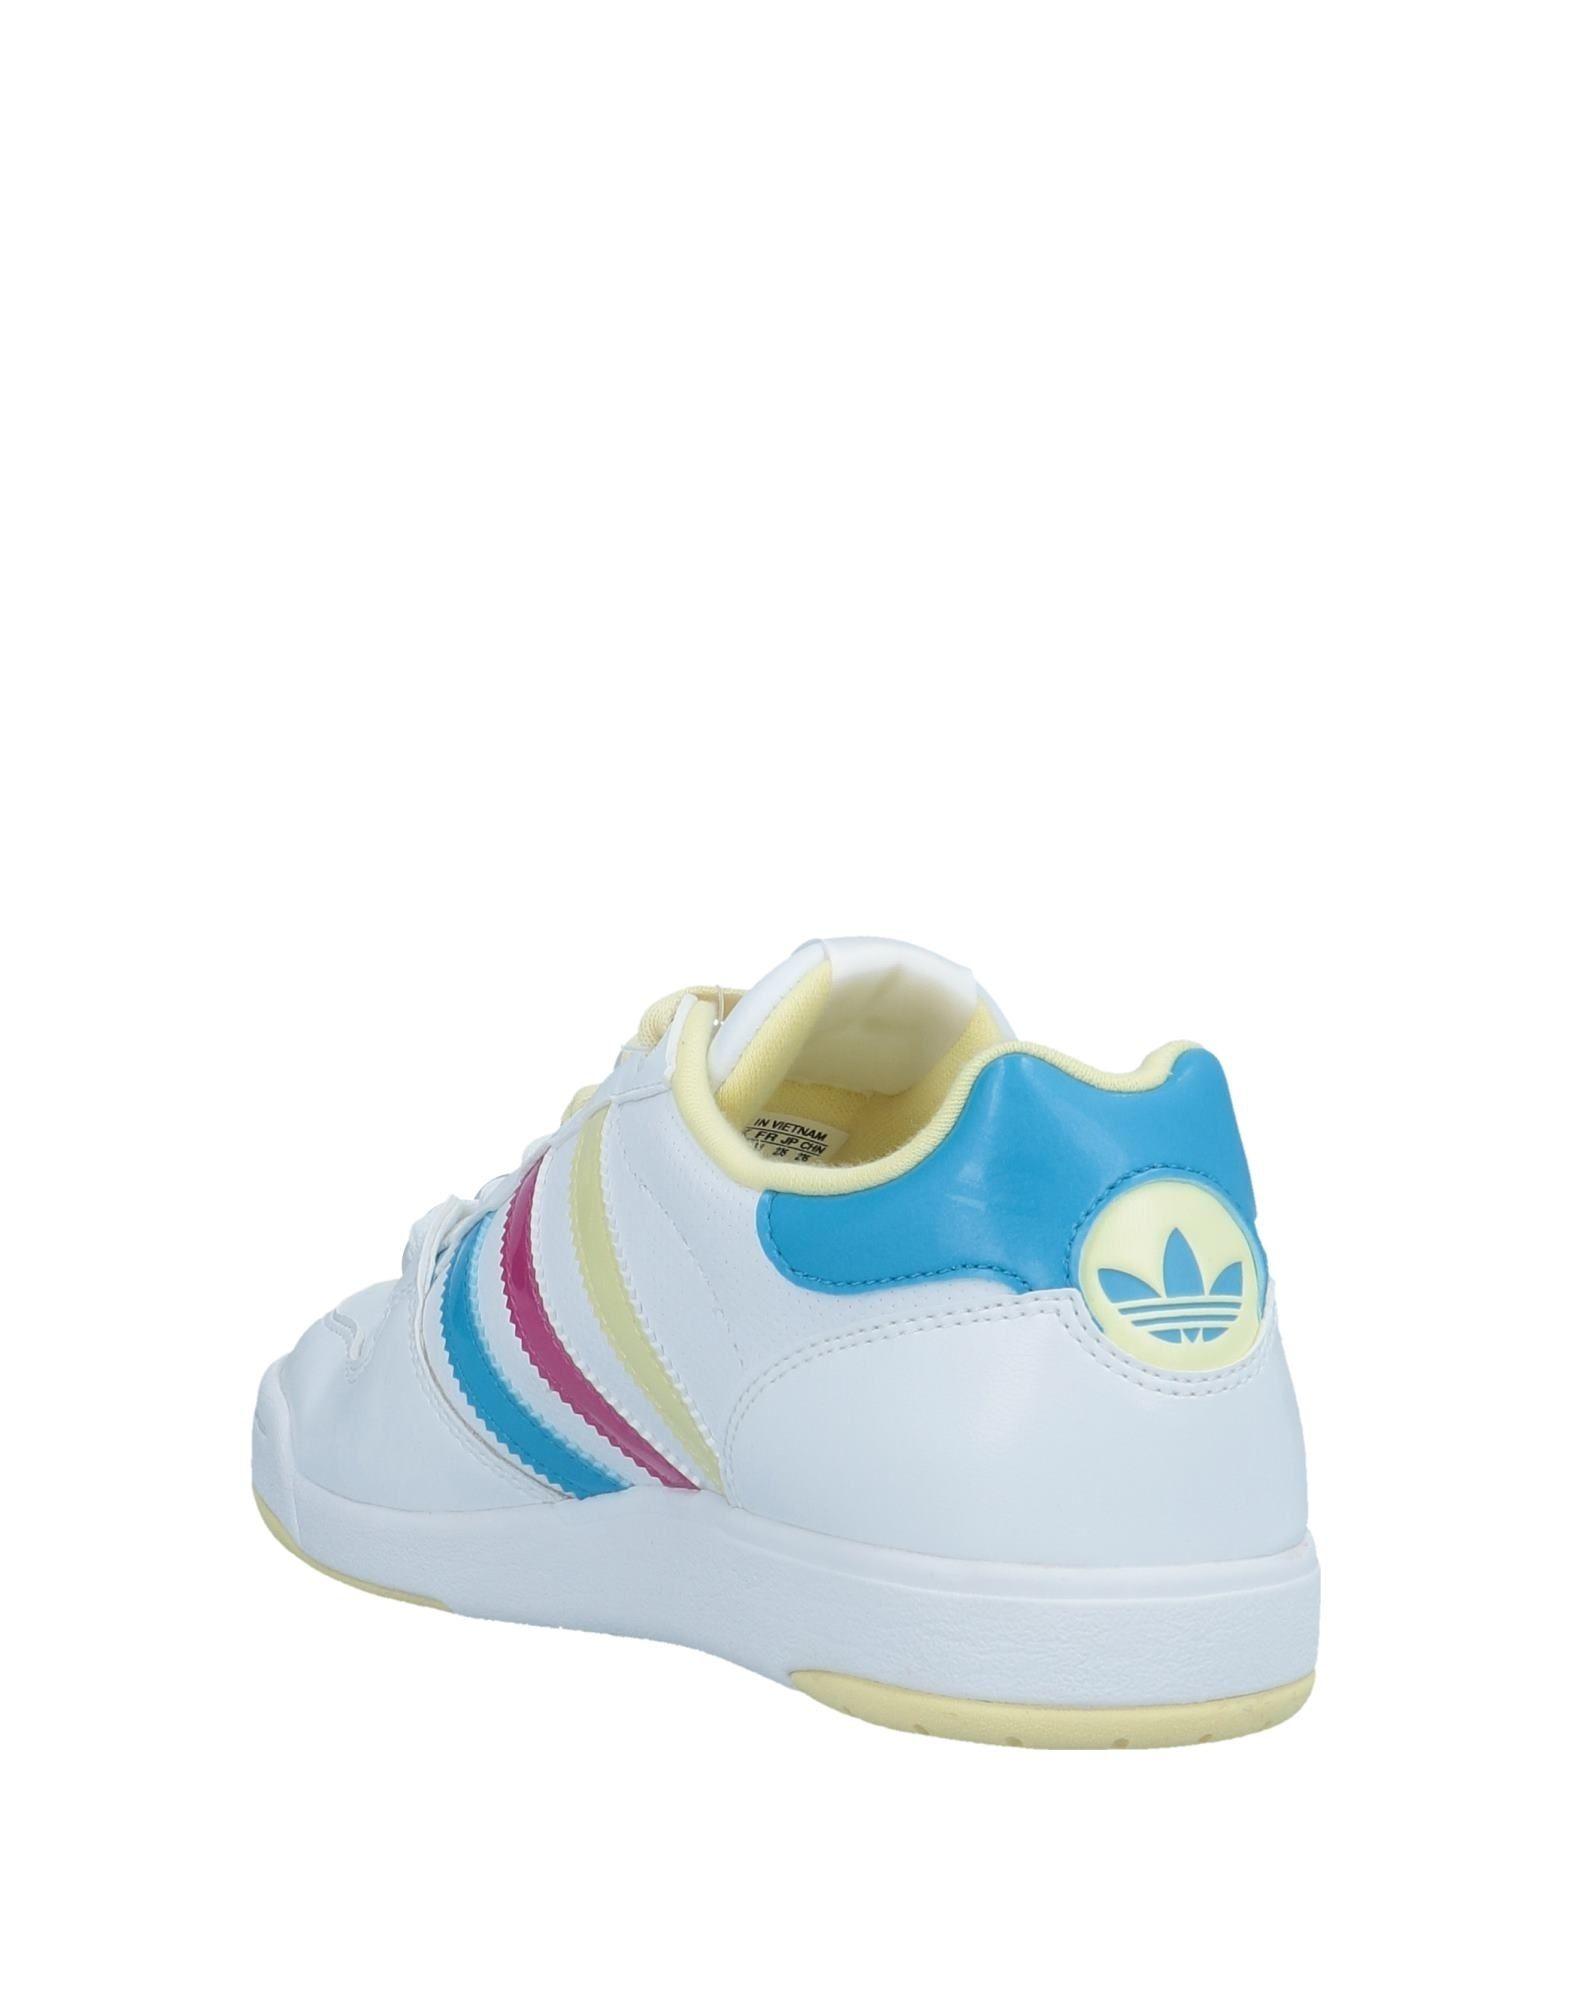 Adidas Originals Sneakers Damen Gutes 20053 Preis-Leistungs-Verhältnis, es lohnt sich 20053 Gutes e9ebcb